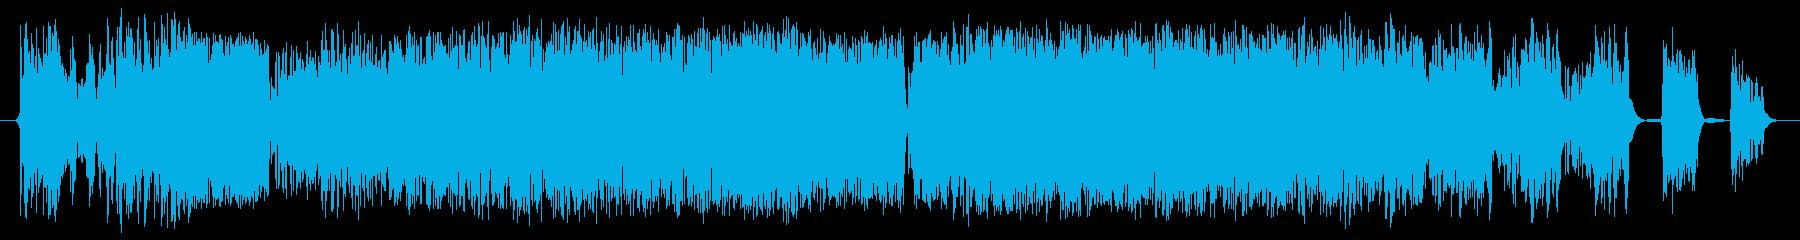 データ停止の再生済みの波形